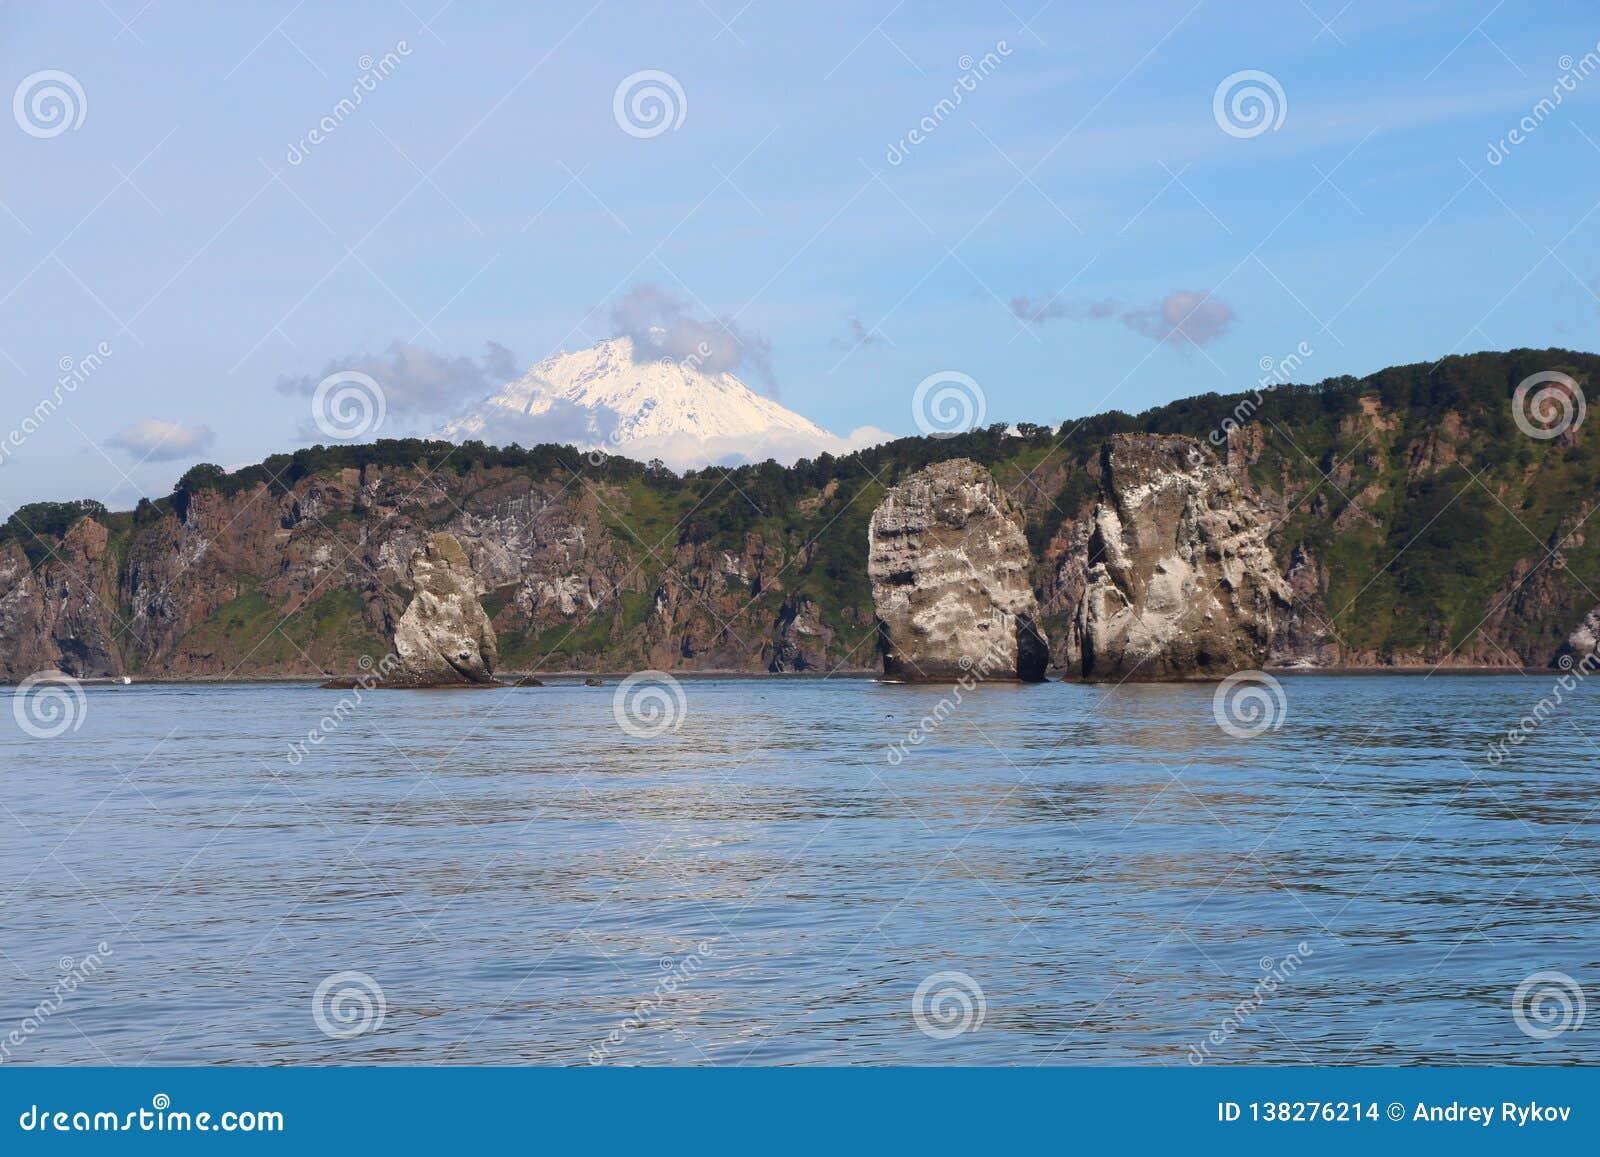 Άποψη τρι Brata με την κορυφή του ηφαιστείου Koryaksky στο υπόβαθρο